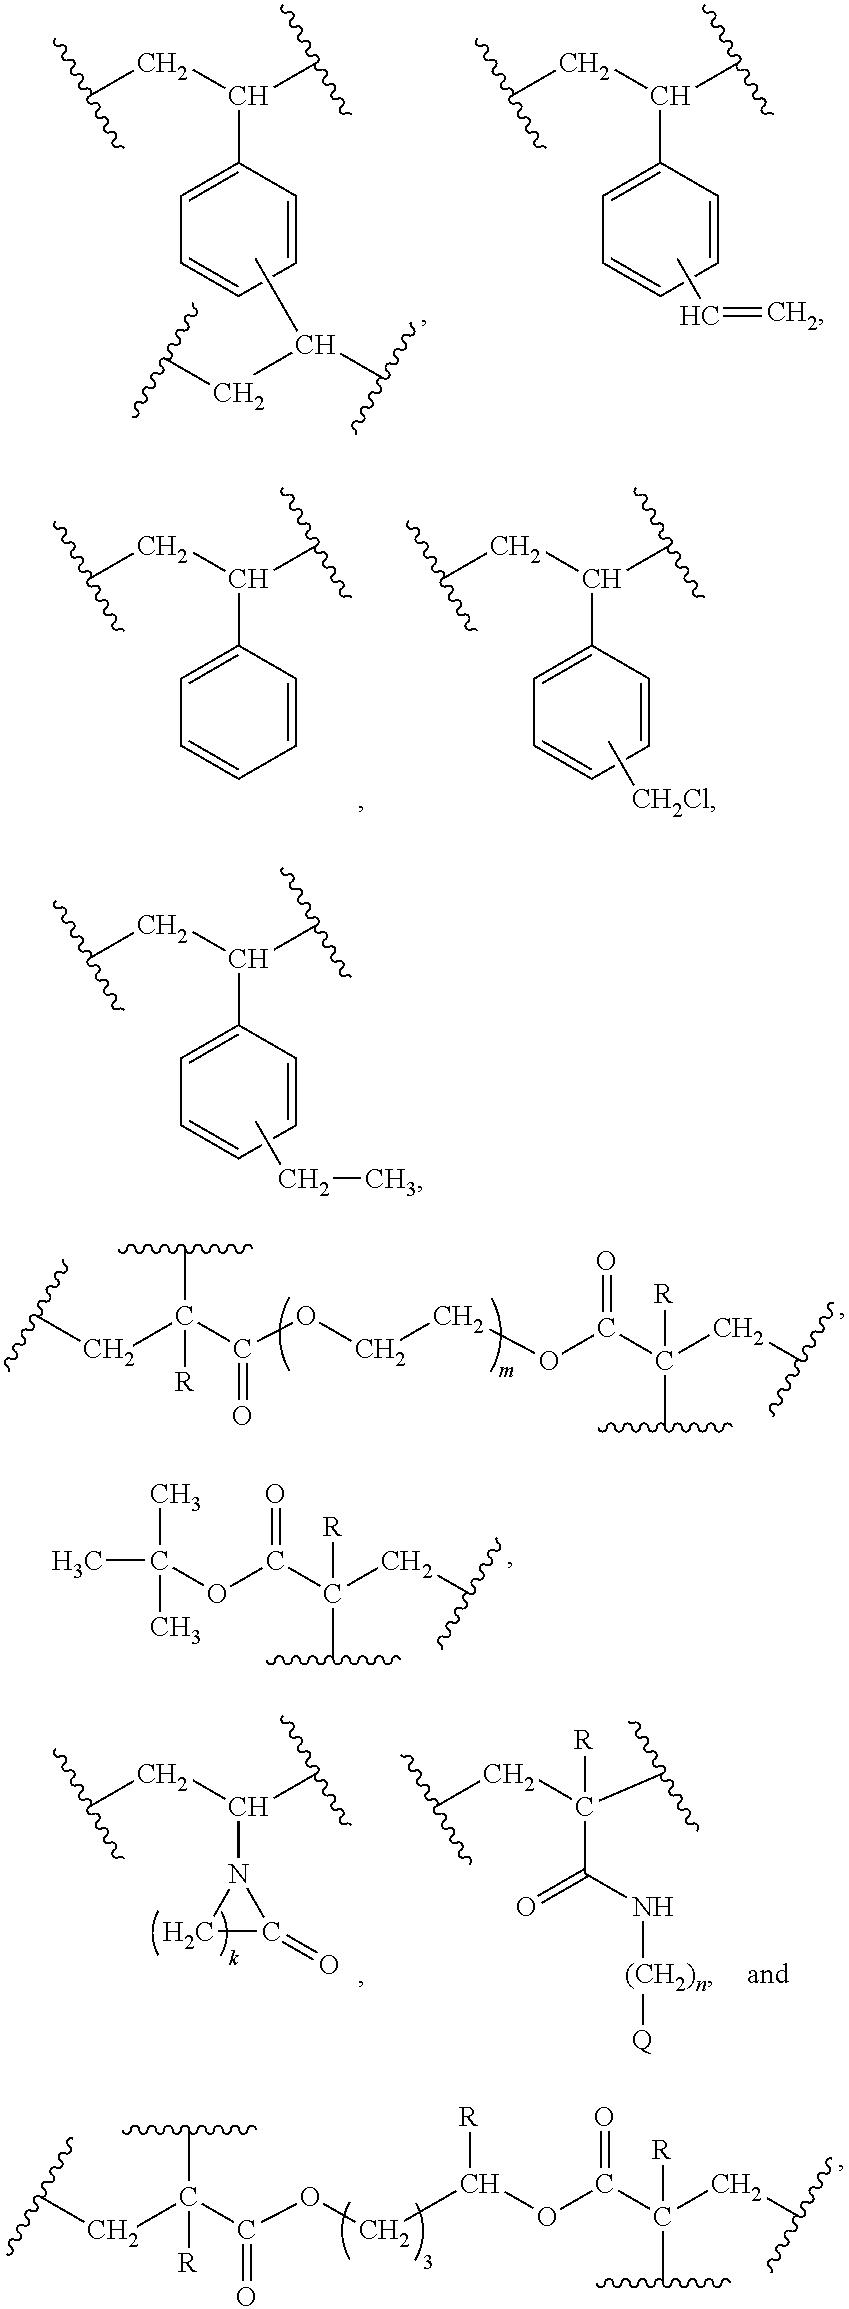 Figure US09546257-20170117-C00005